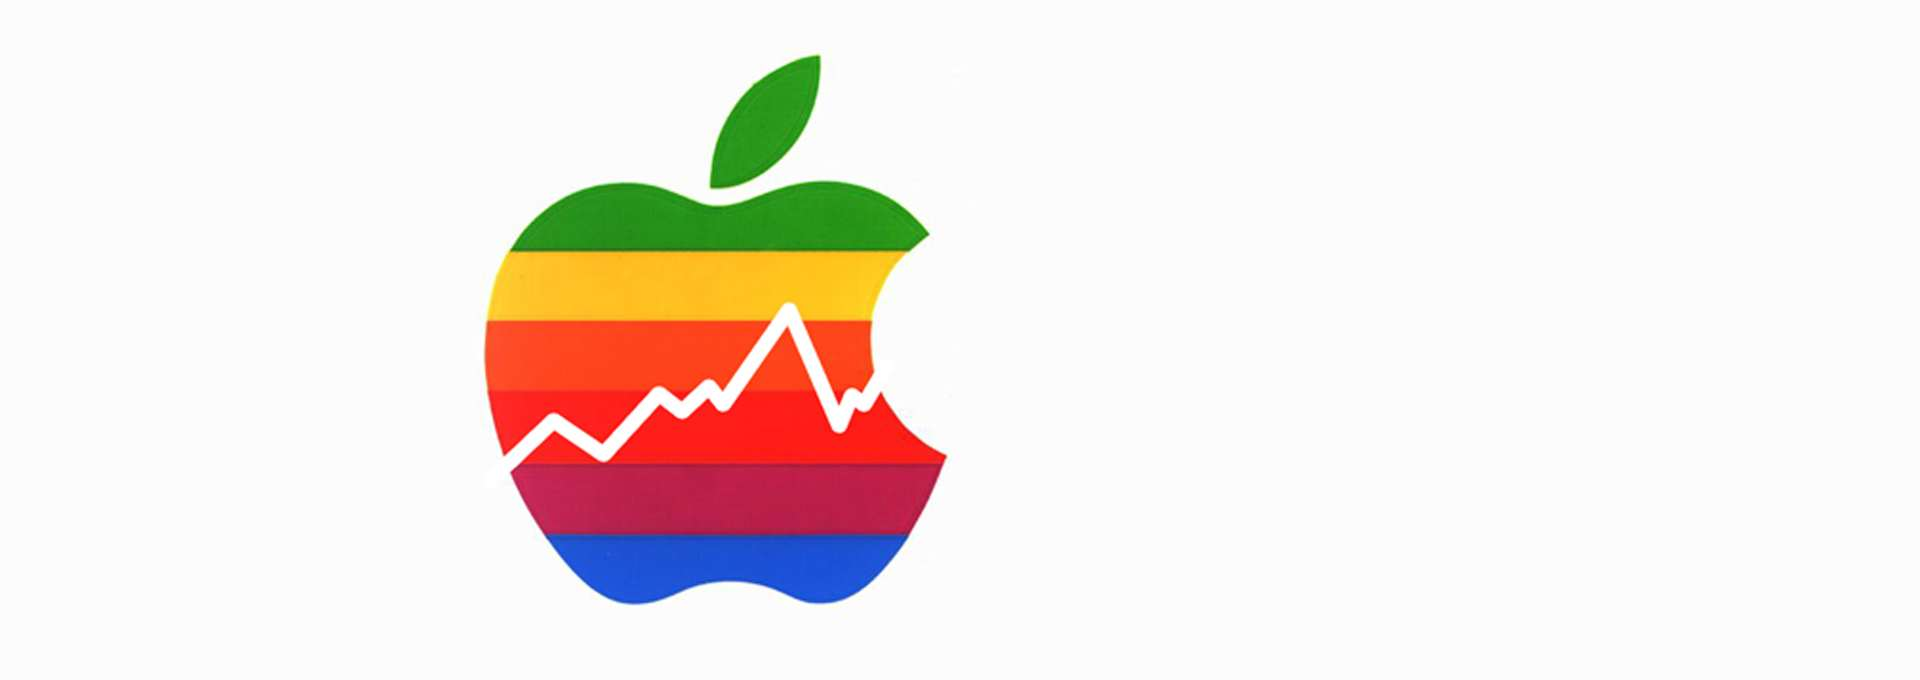 Faut-il acheter des actions Apple ?